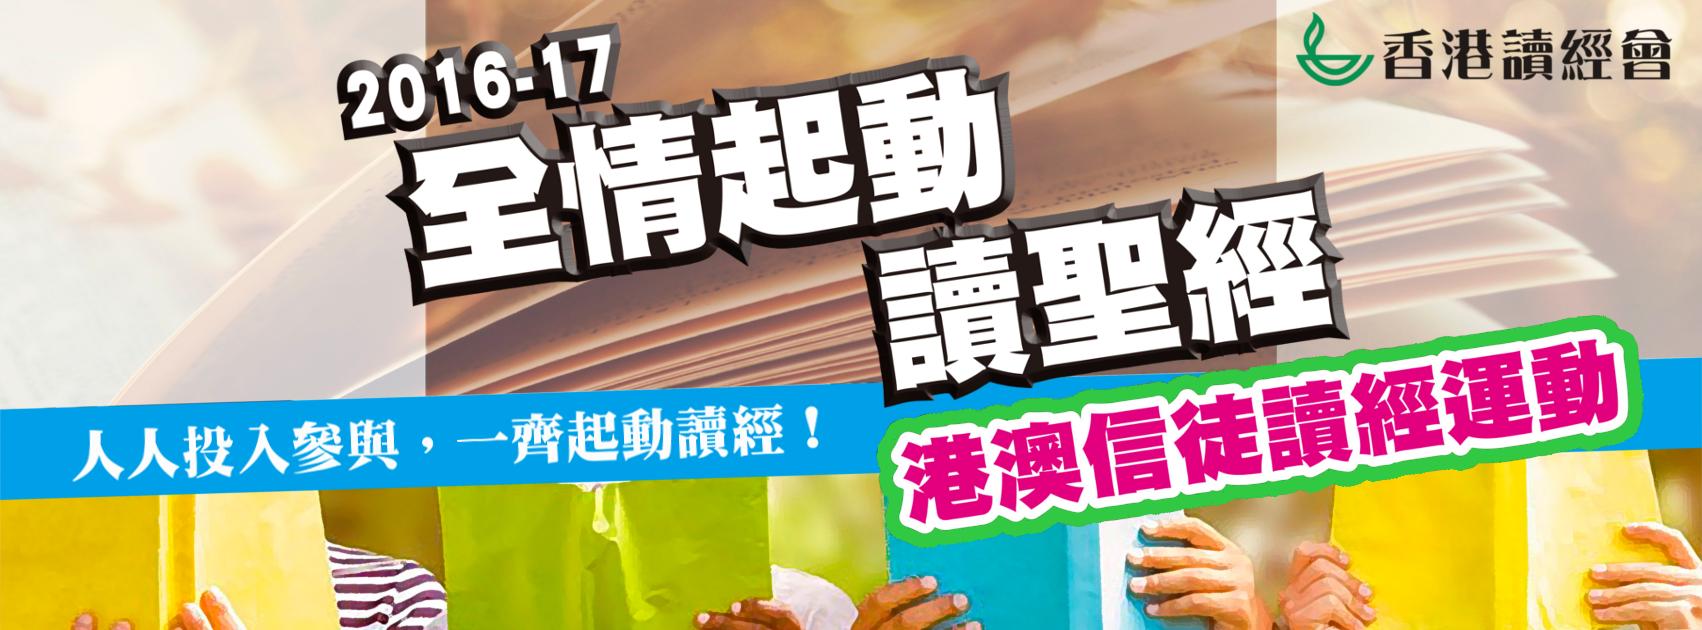 16-17全情起動讀聖經港澳信徒讀經運動